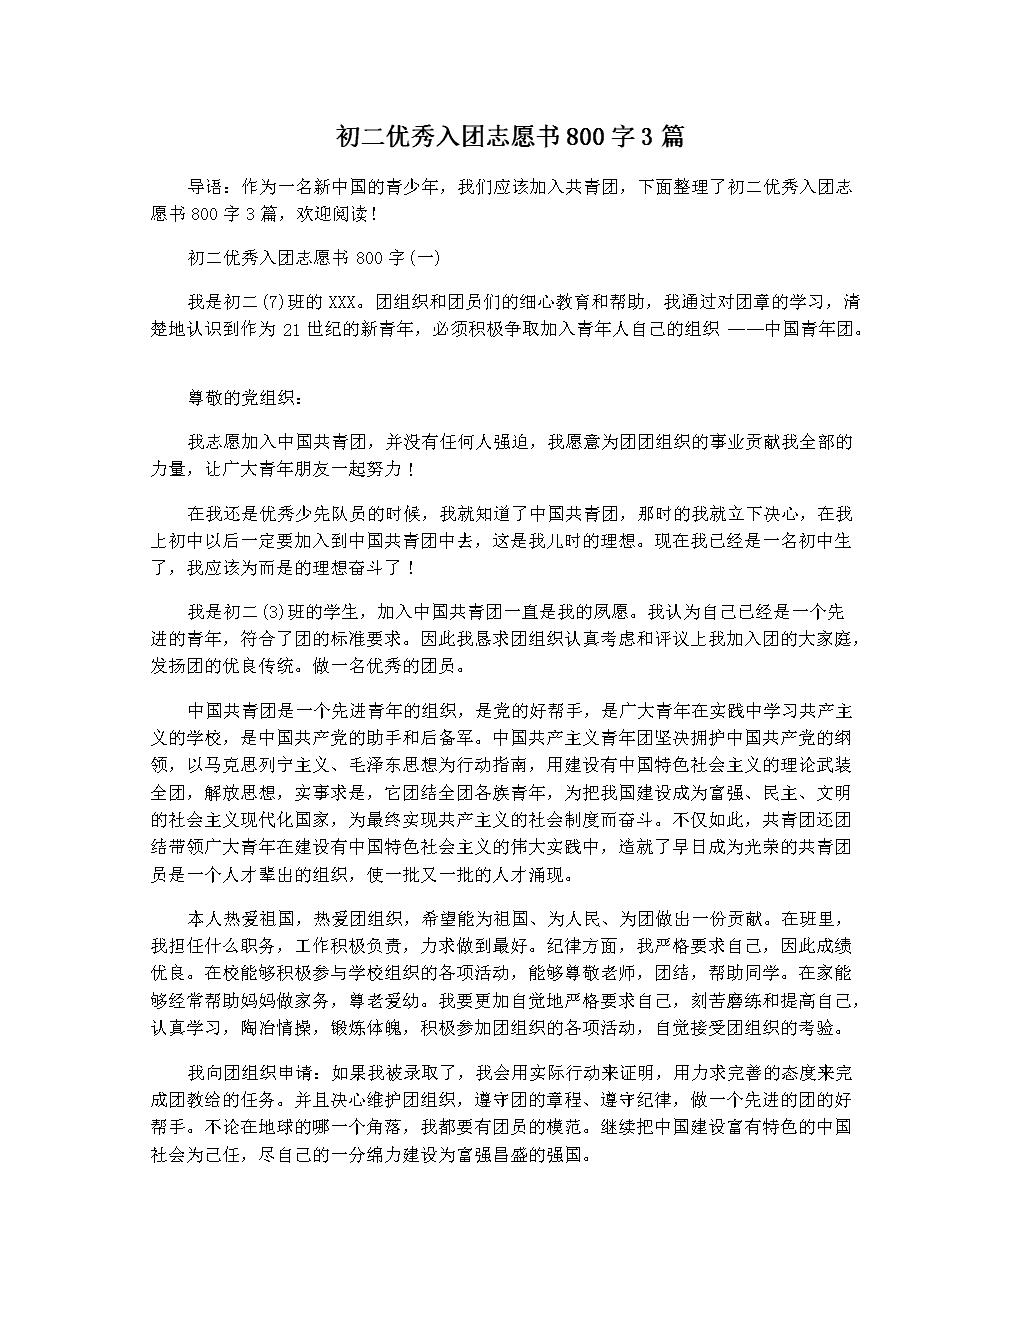 初二优秀入团志愿书800字3篇.docx